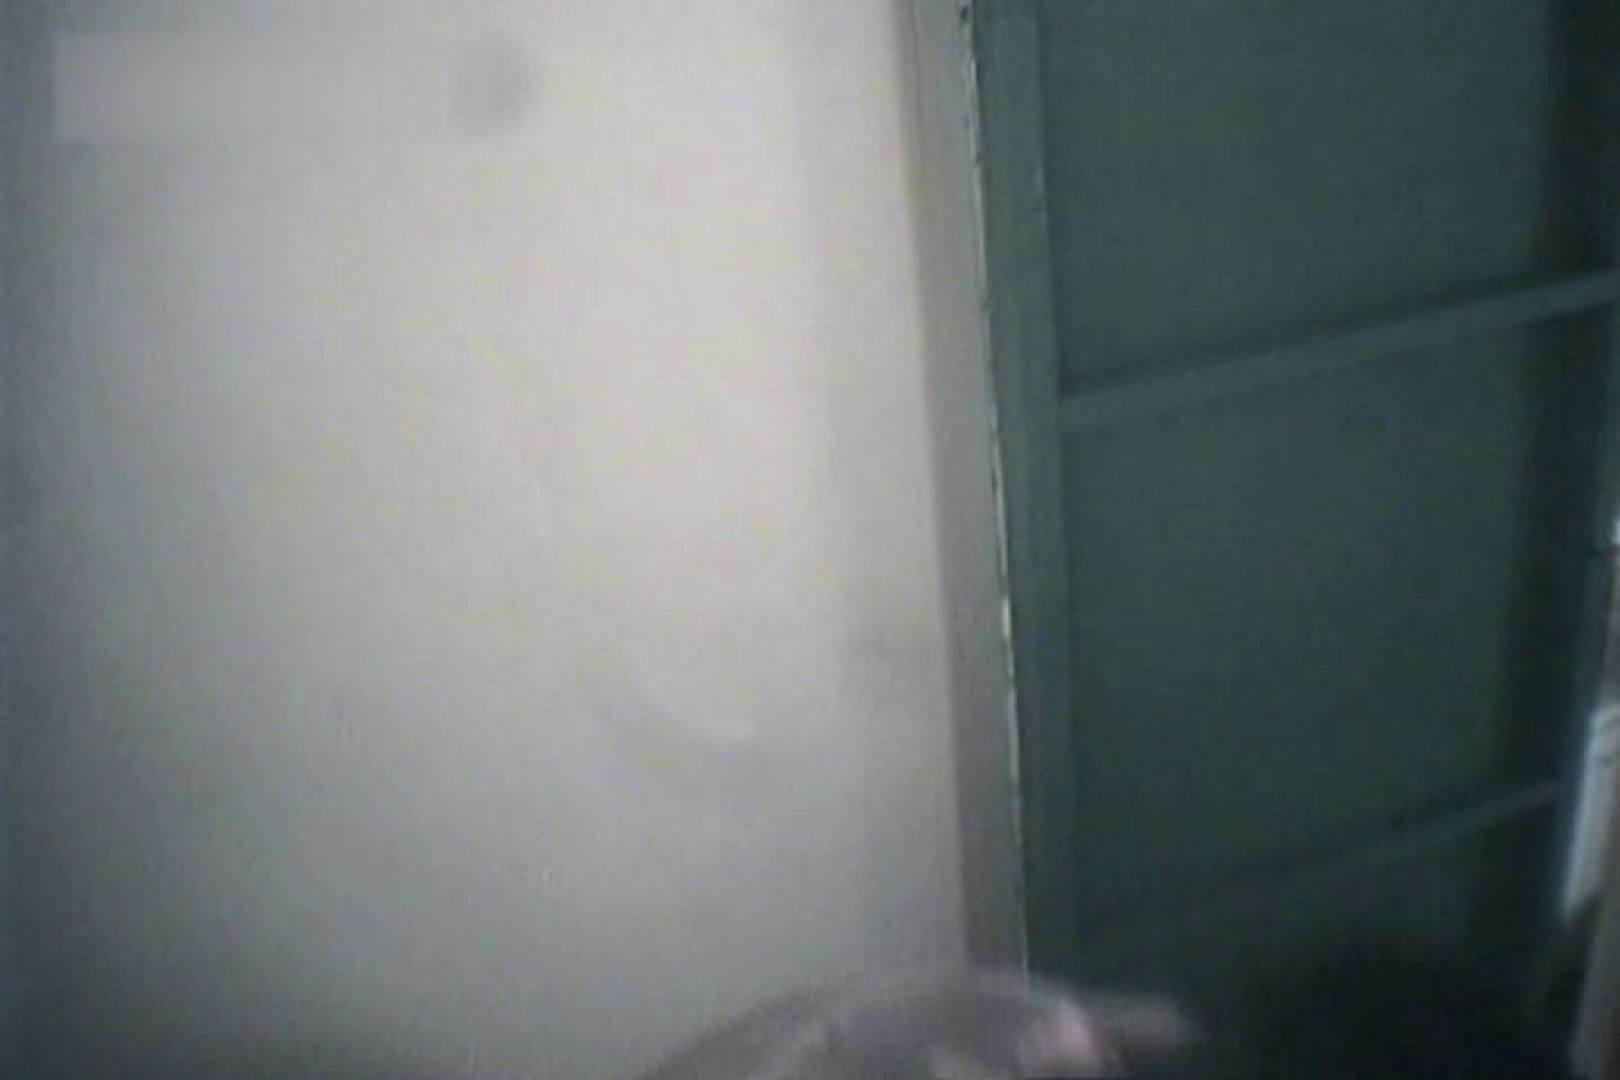 夏海シャワー室!ベトベトお肌をサラサラに!VOL.01 美女  39連発 36